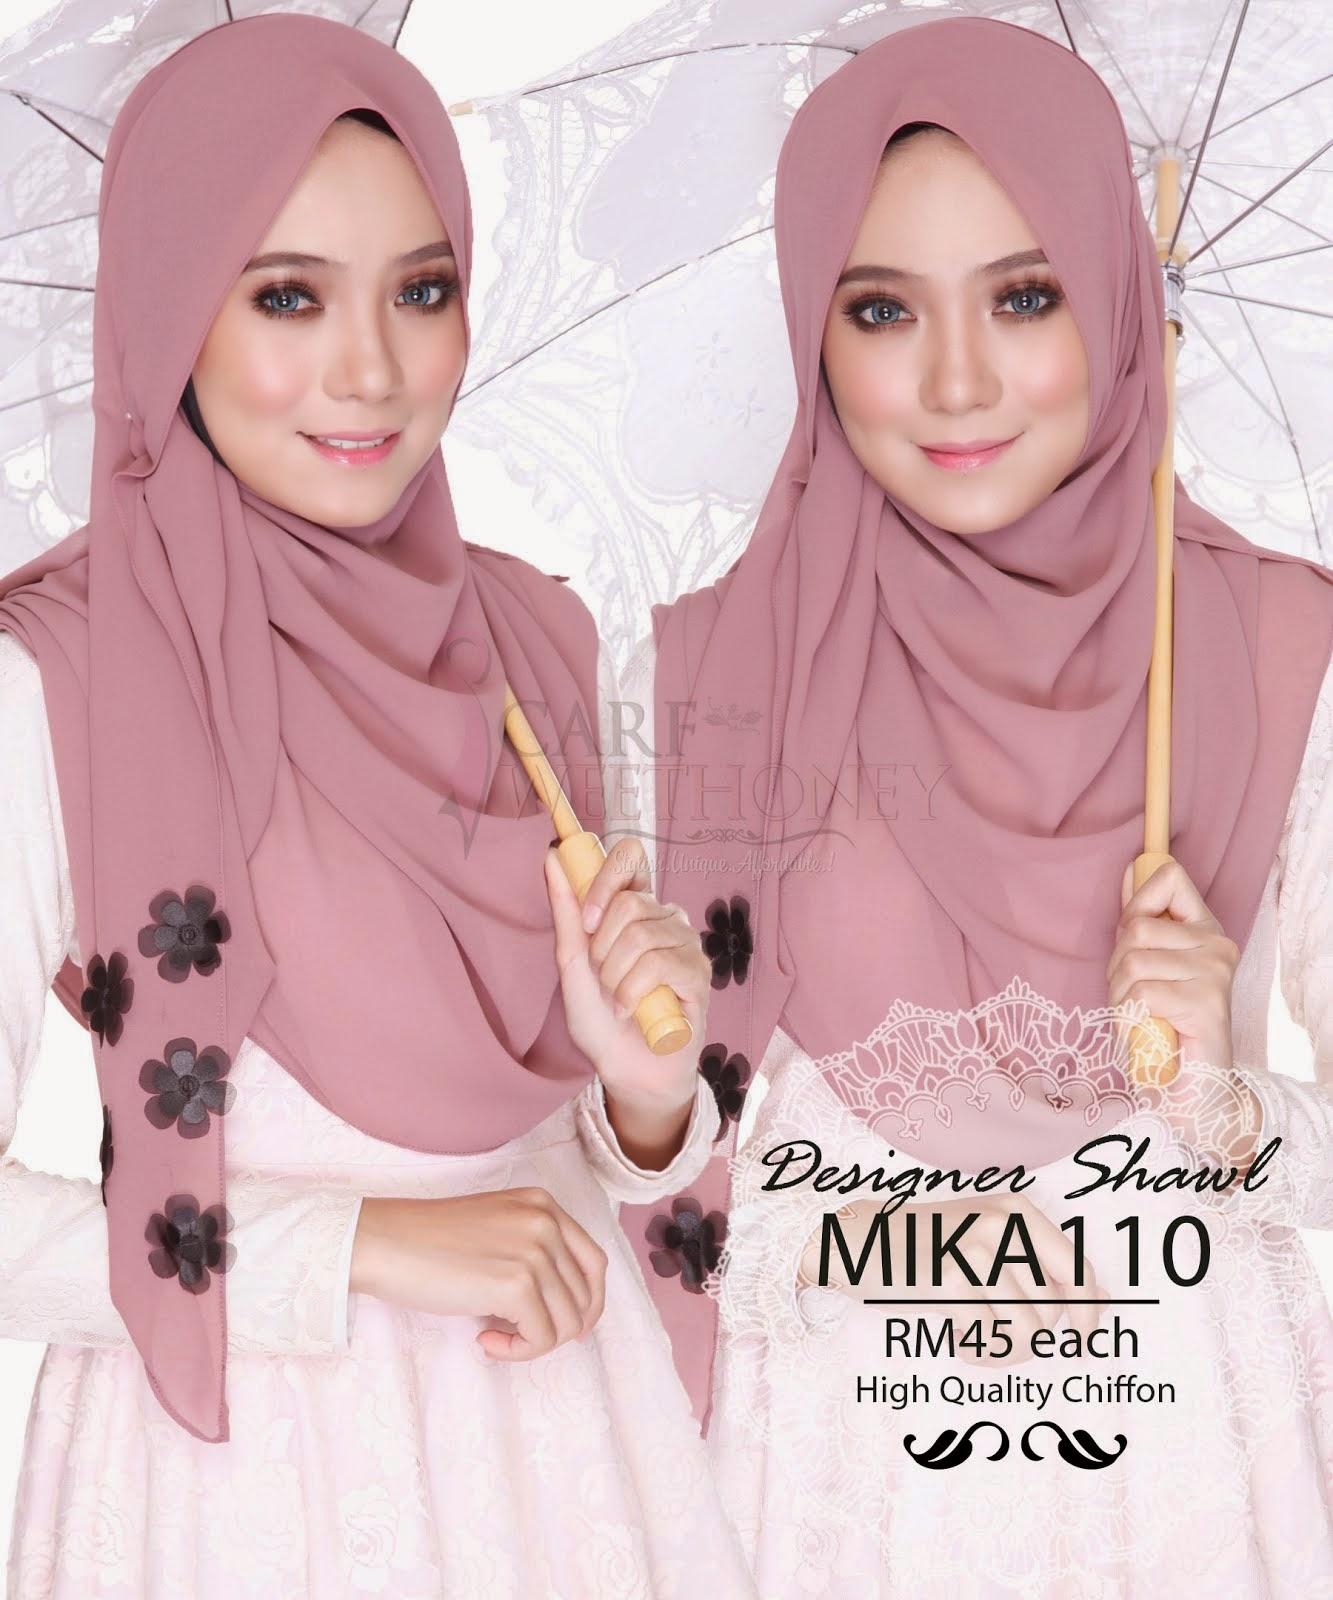 MIKA shawl